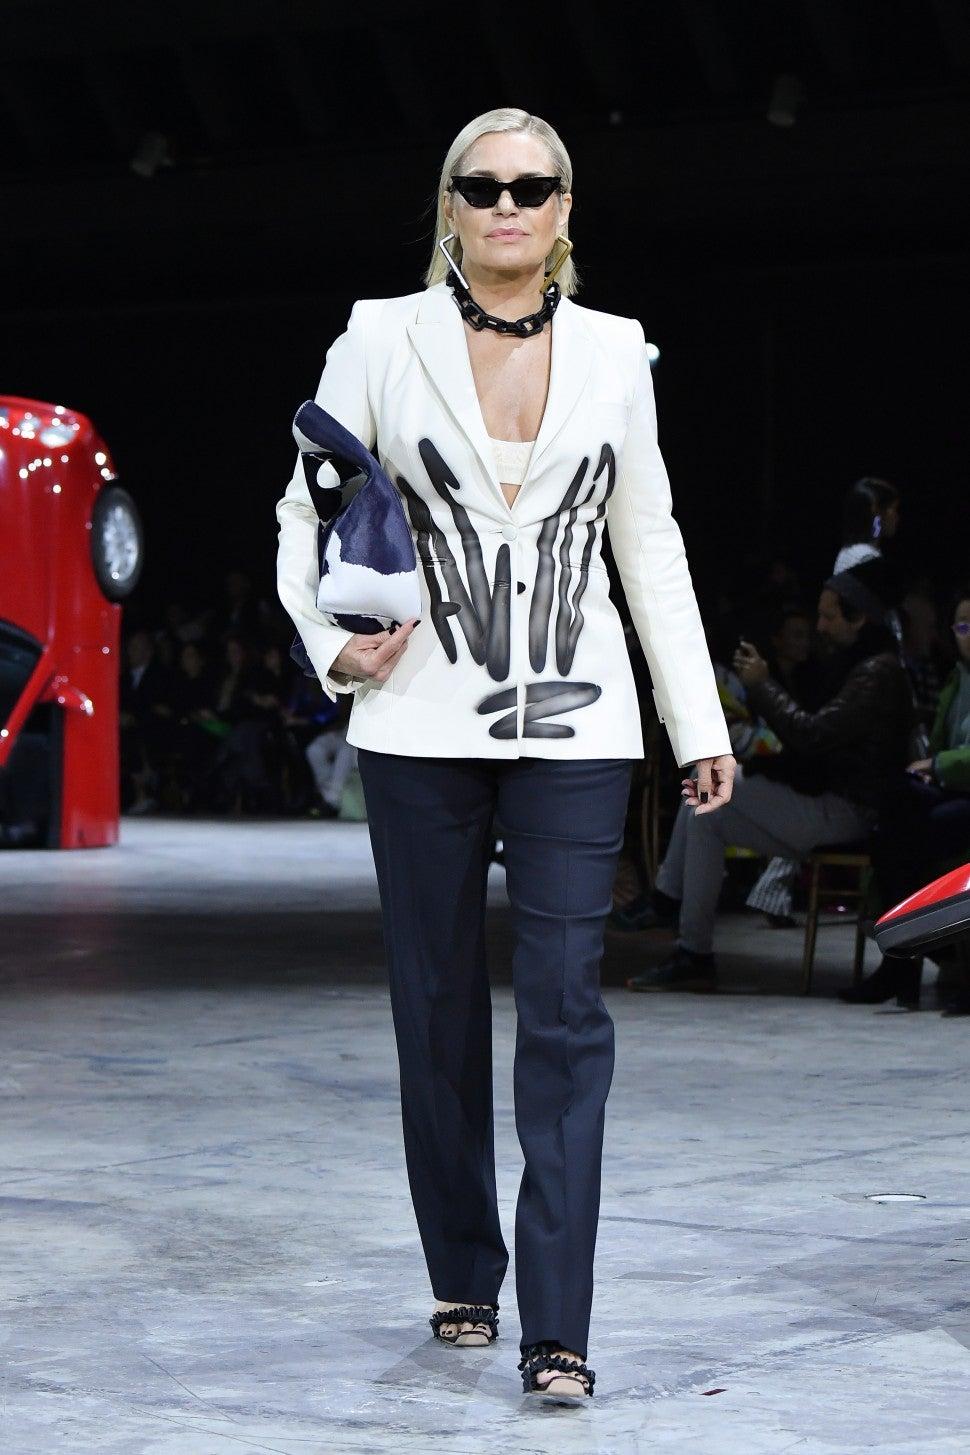 Yolanda Hadid walking in Off-White F/W 2020 fashion show